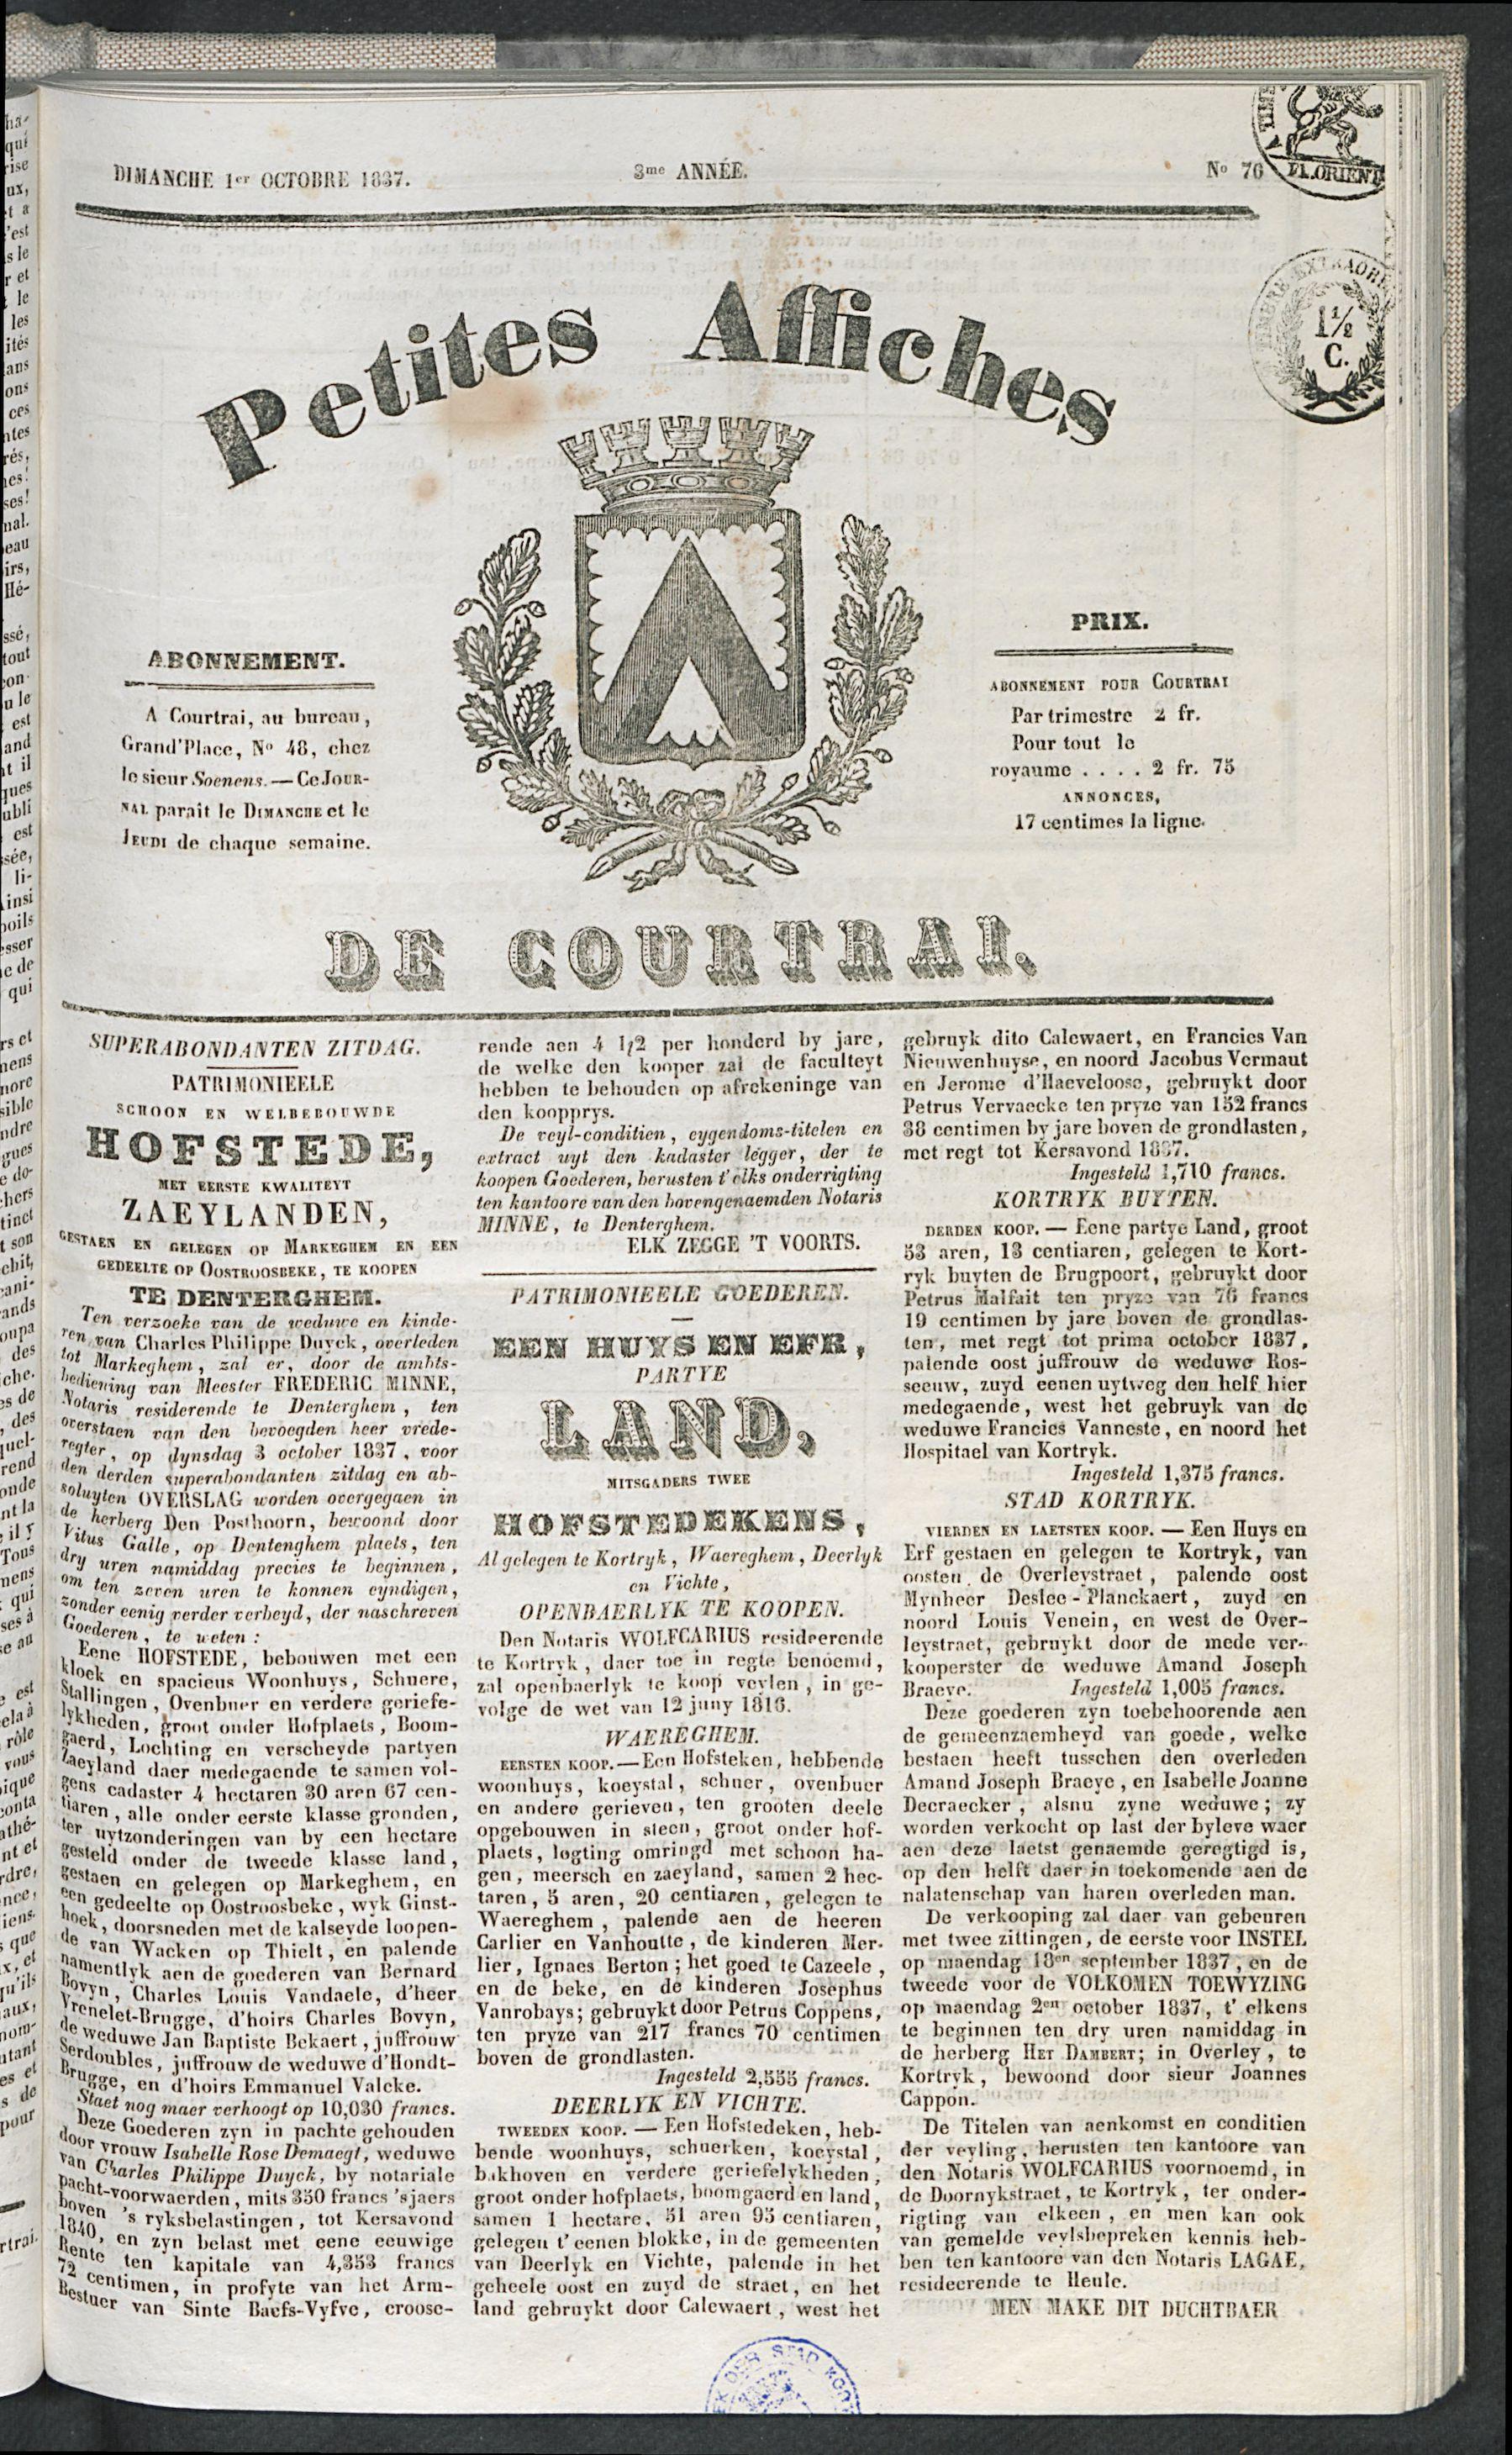 Petites Affiches De Courtrai 1837-10-01 p1